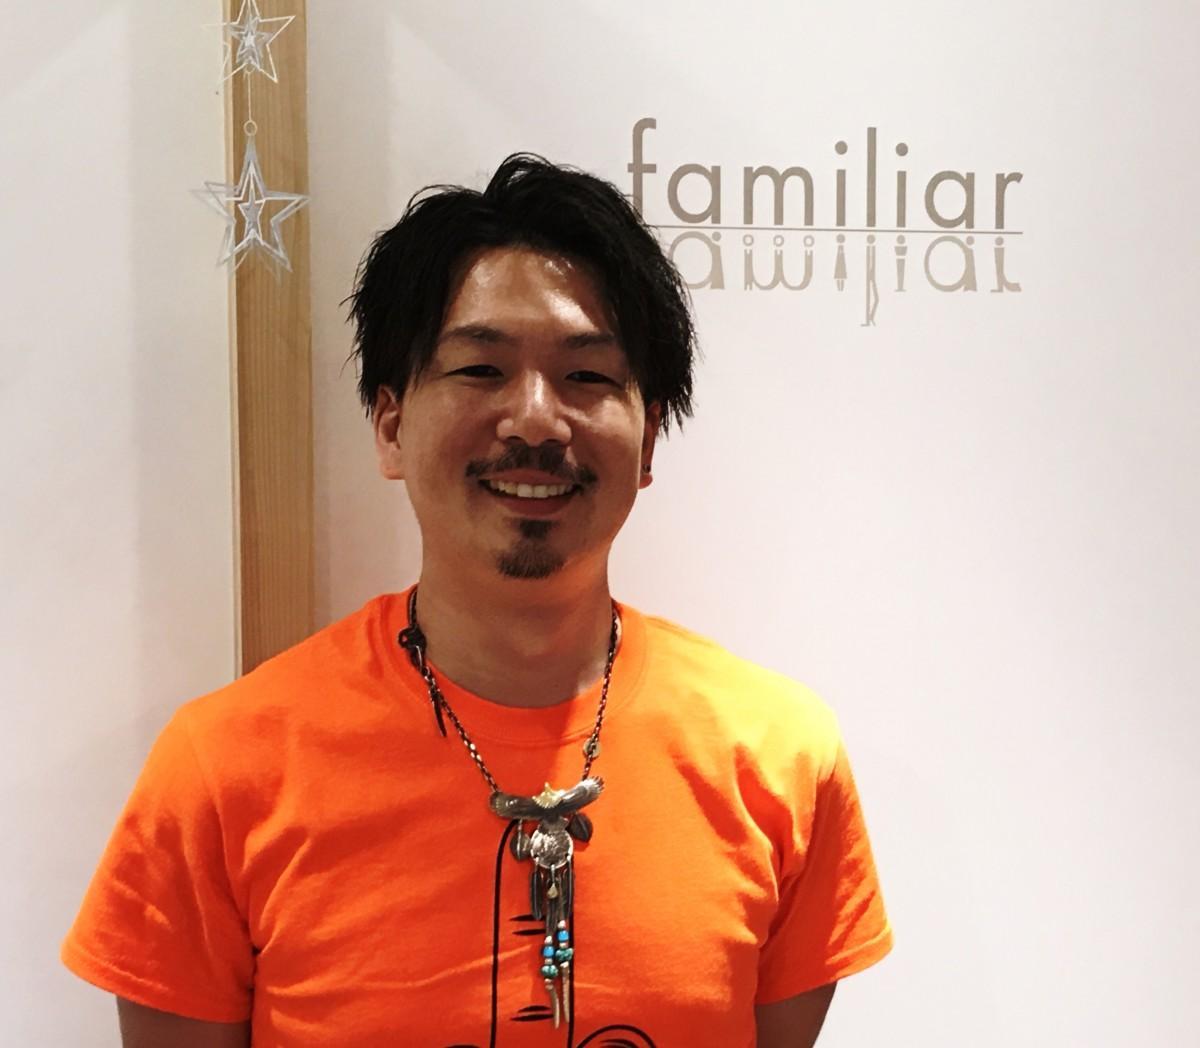 ヘアドネーションに取り組む美容室「familiar」代表の老田賢司さん